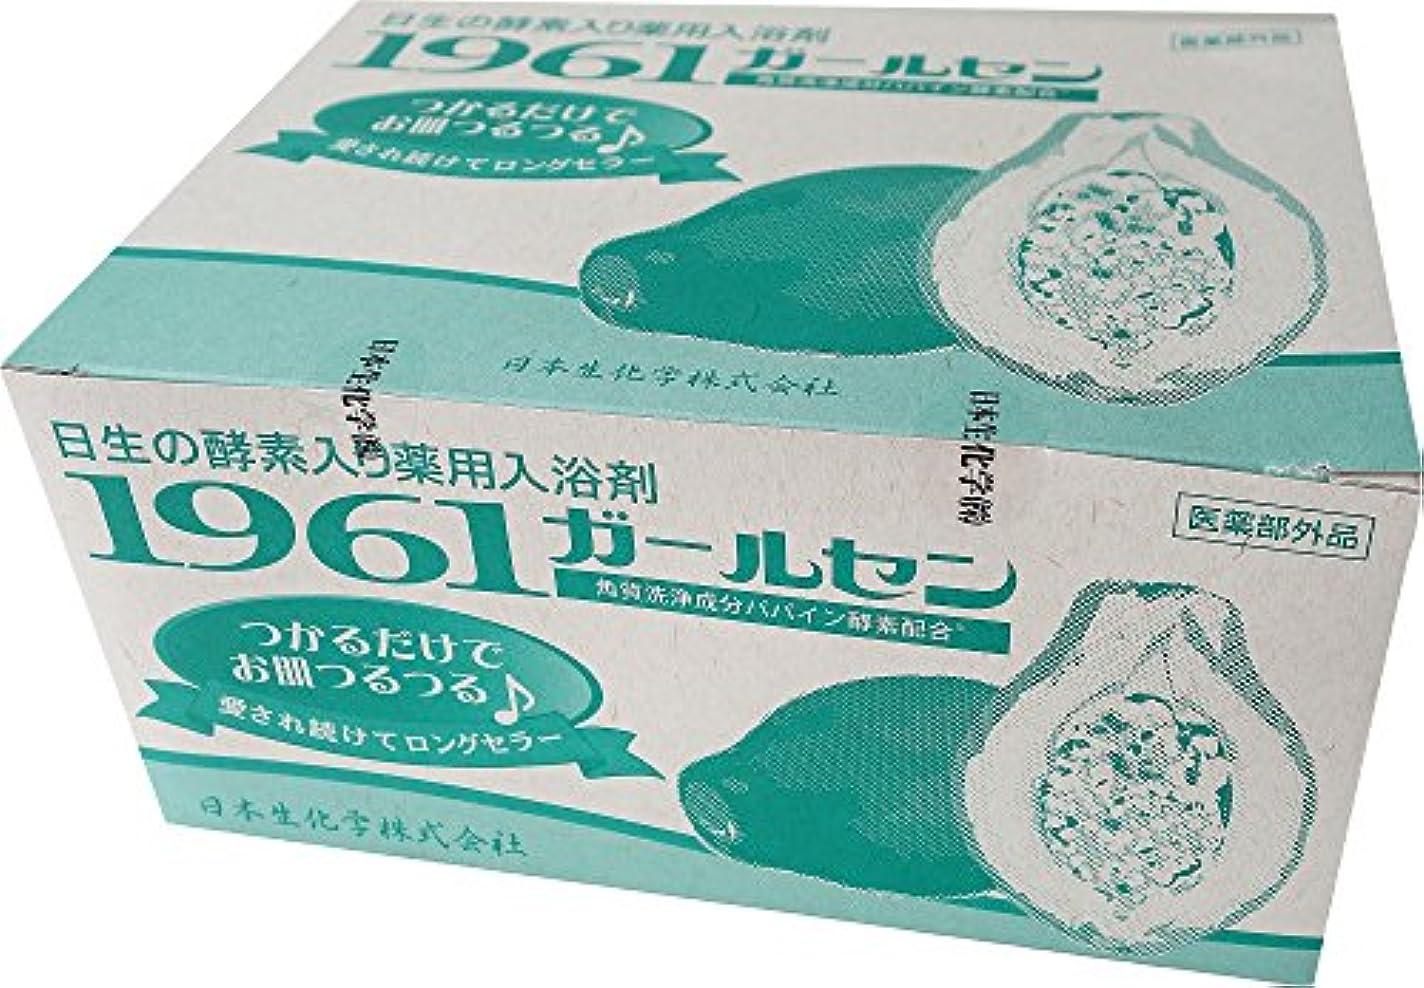 付添人ヒステリックラグパパイン酵素配合 薬用入浴剤 1961ガールセン 60包 [医薬部外品]